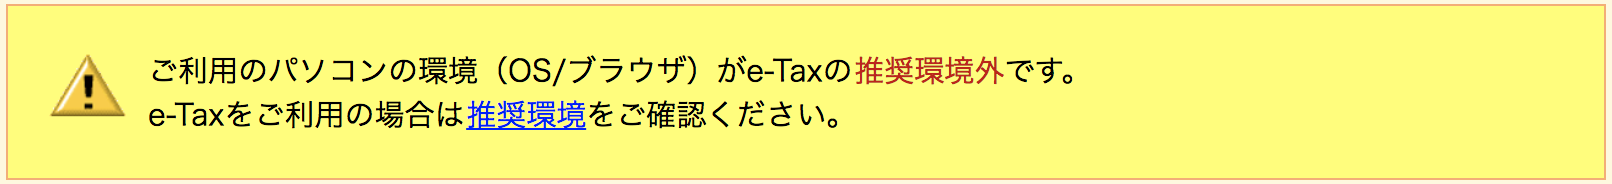 確定申告をe-Taxでする方法 やり方 マイナンバーカード